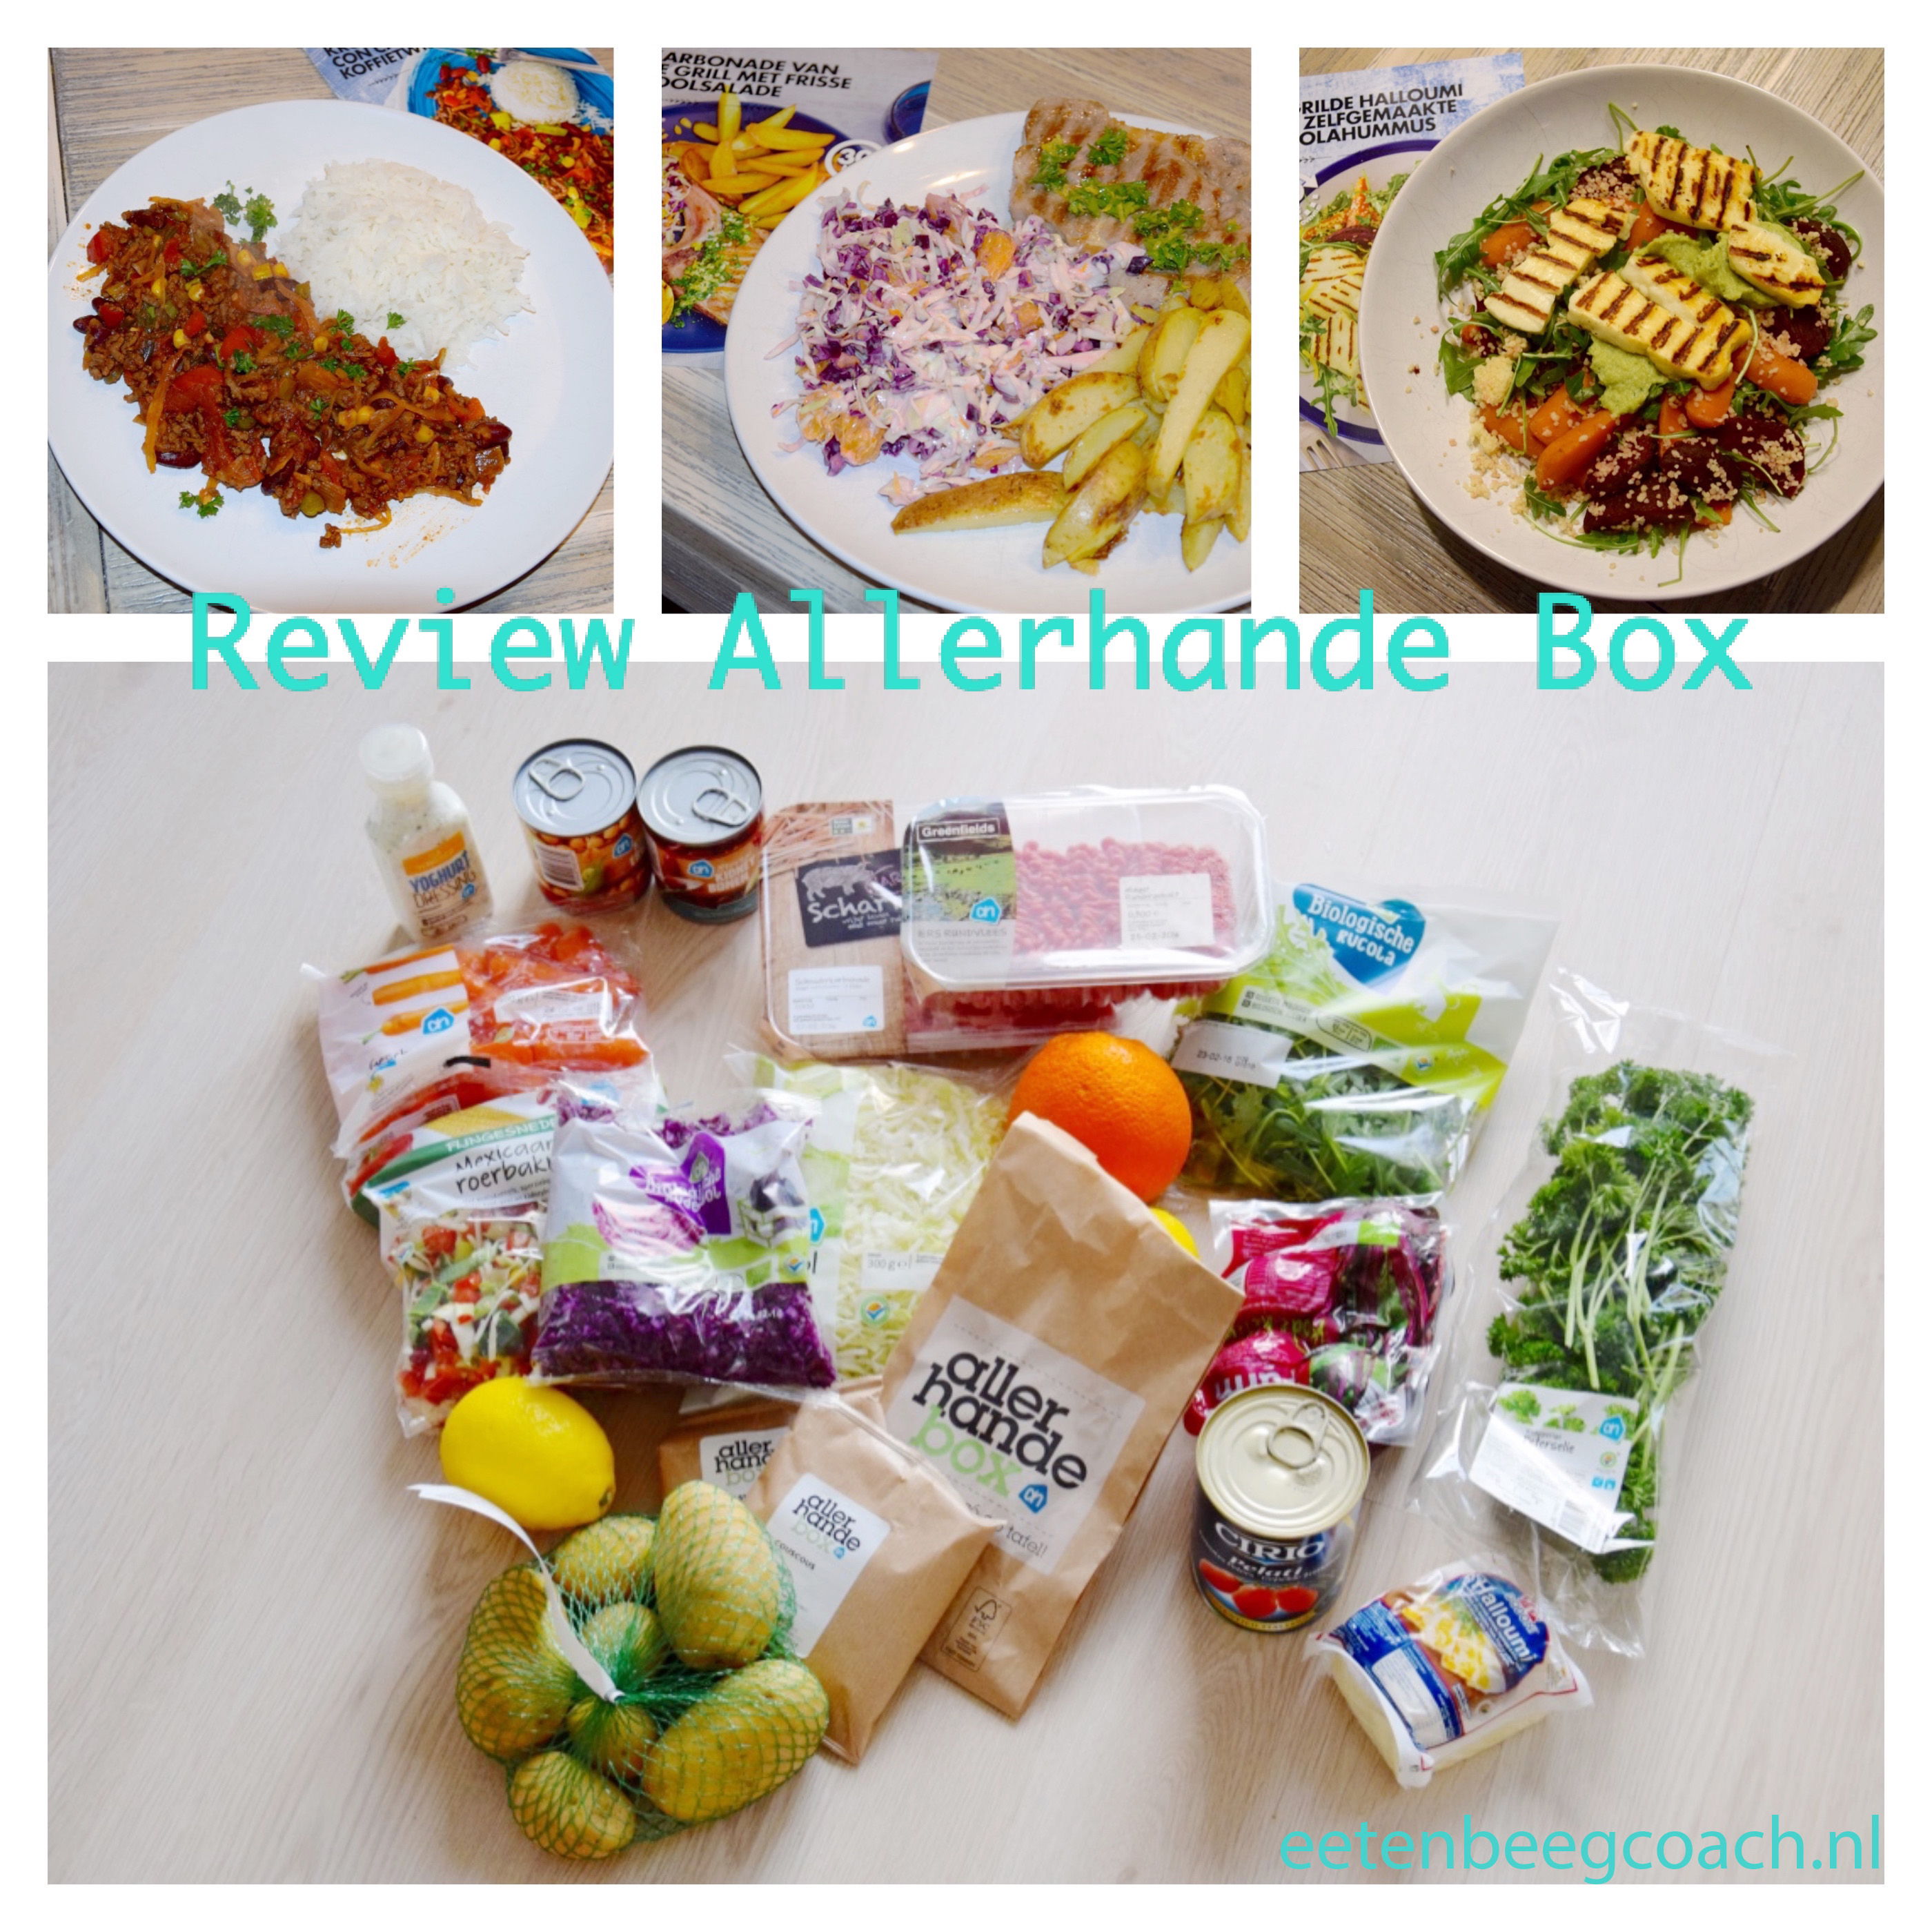 Review Allerhande Box